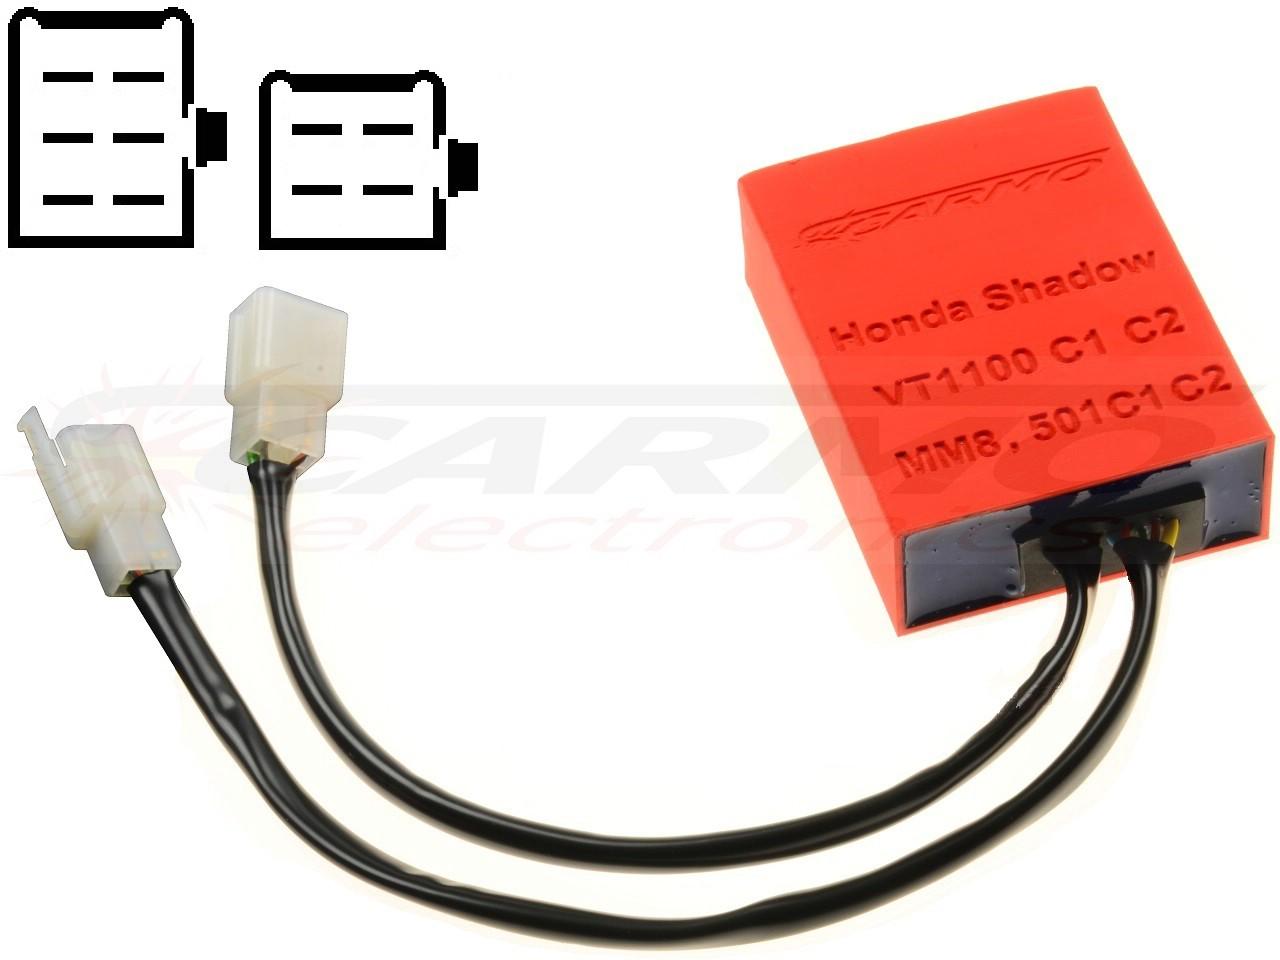 Honda VT1100 C1 C2 CDI ignitor (MM8, 501C1, 501C2) [VT1100 CDI MM8 on